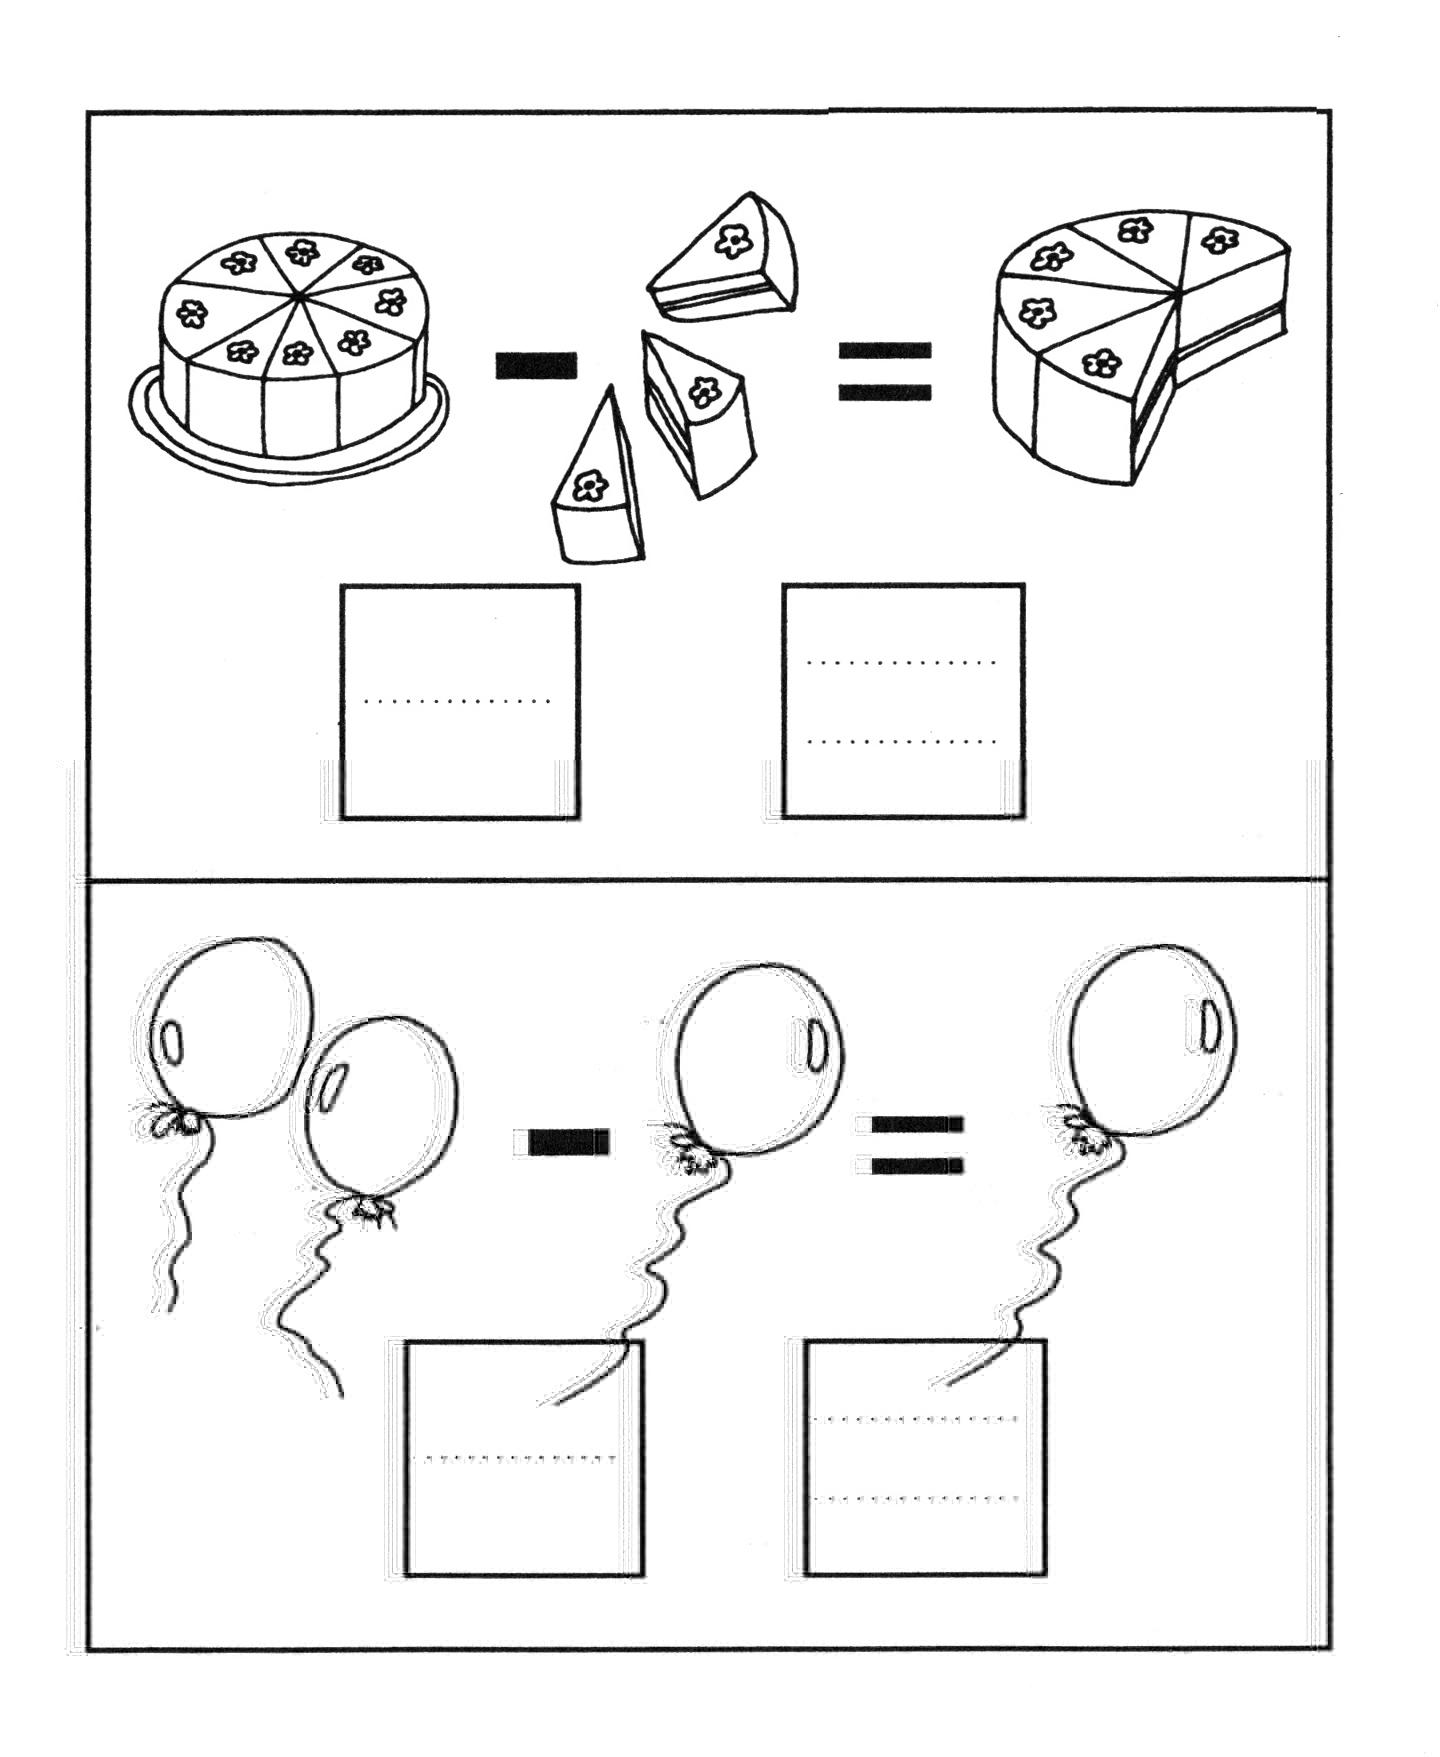 плюс со малышей игровые для задачи знаком